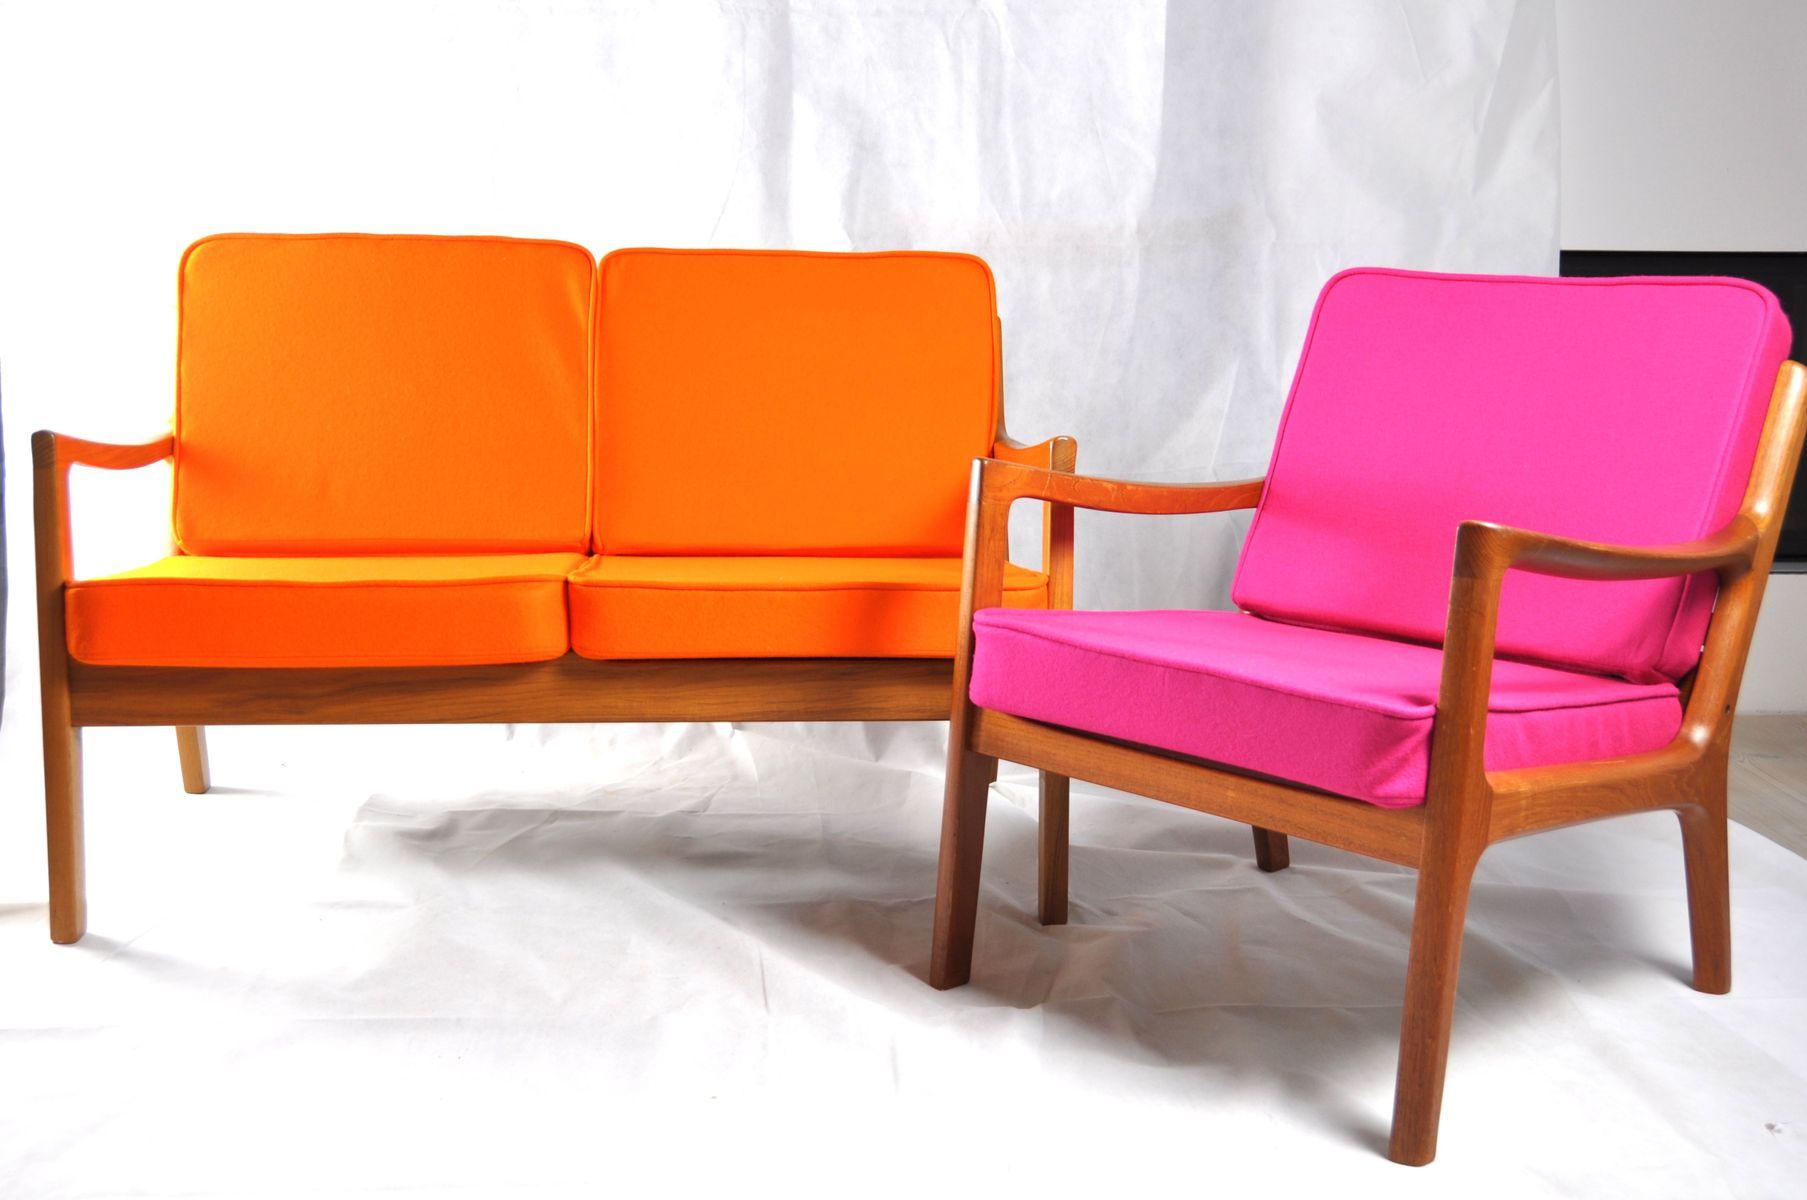 d nisches zwei sitzer sofa von ole wanscher f r poul jeppesen bei pamono kaufen. Black Bedroom Furniture Sets. Home Design Ideas